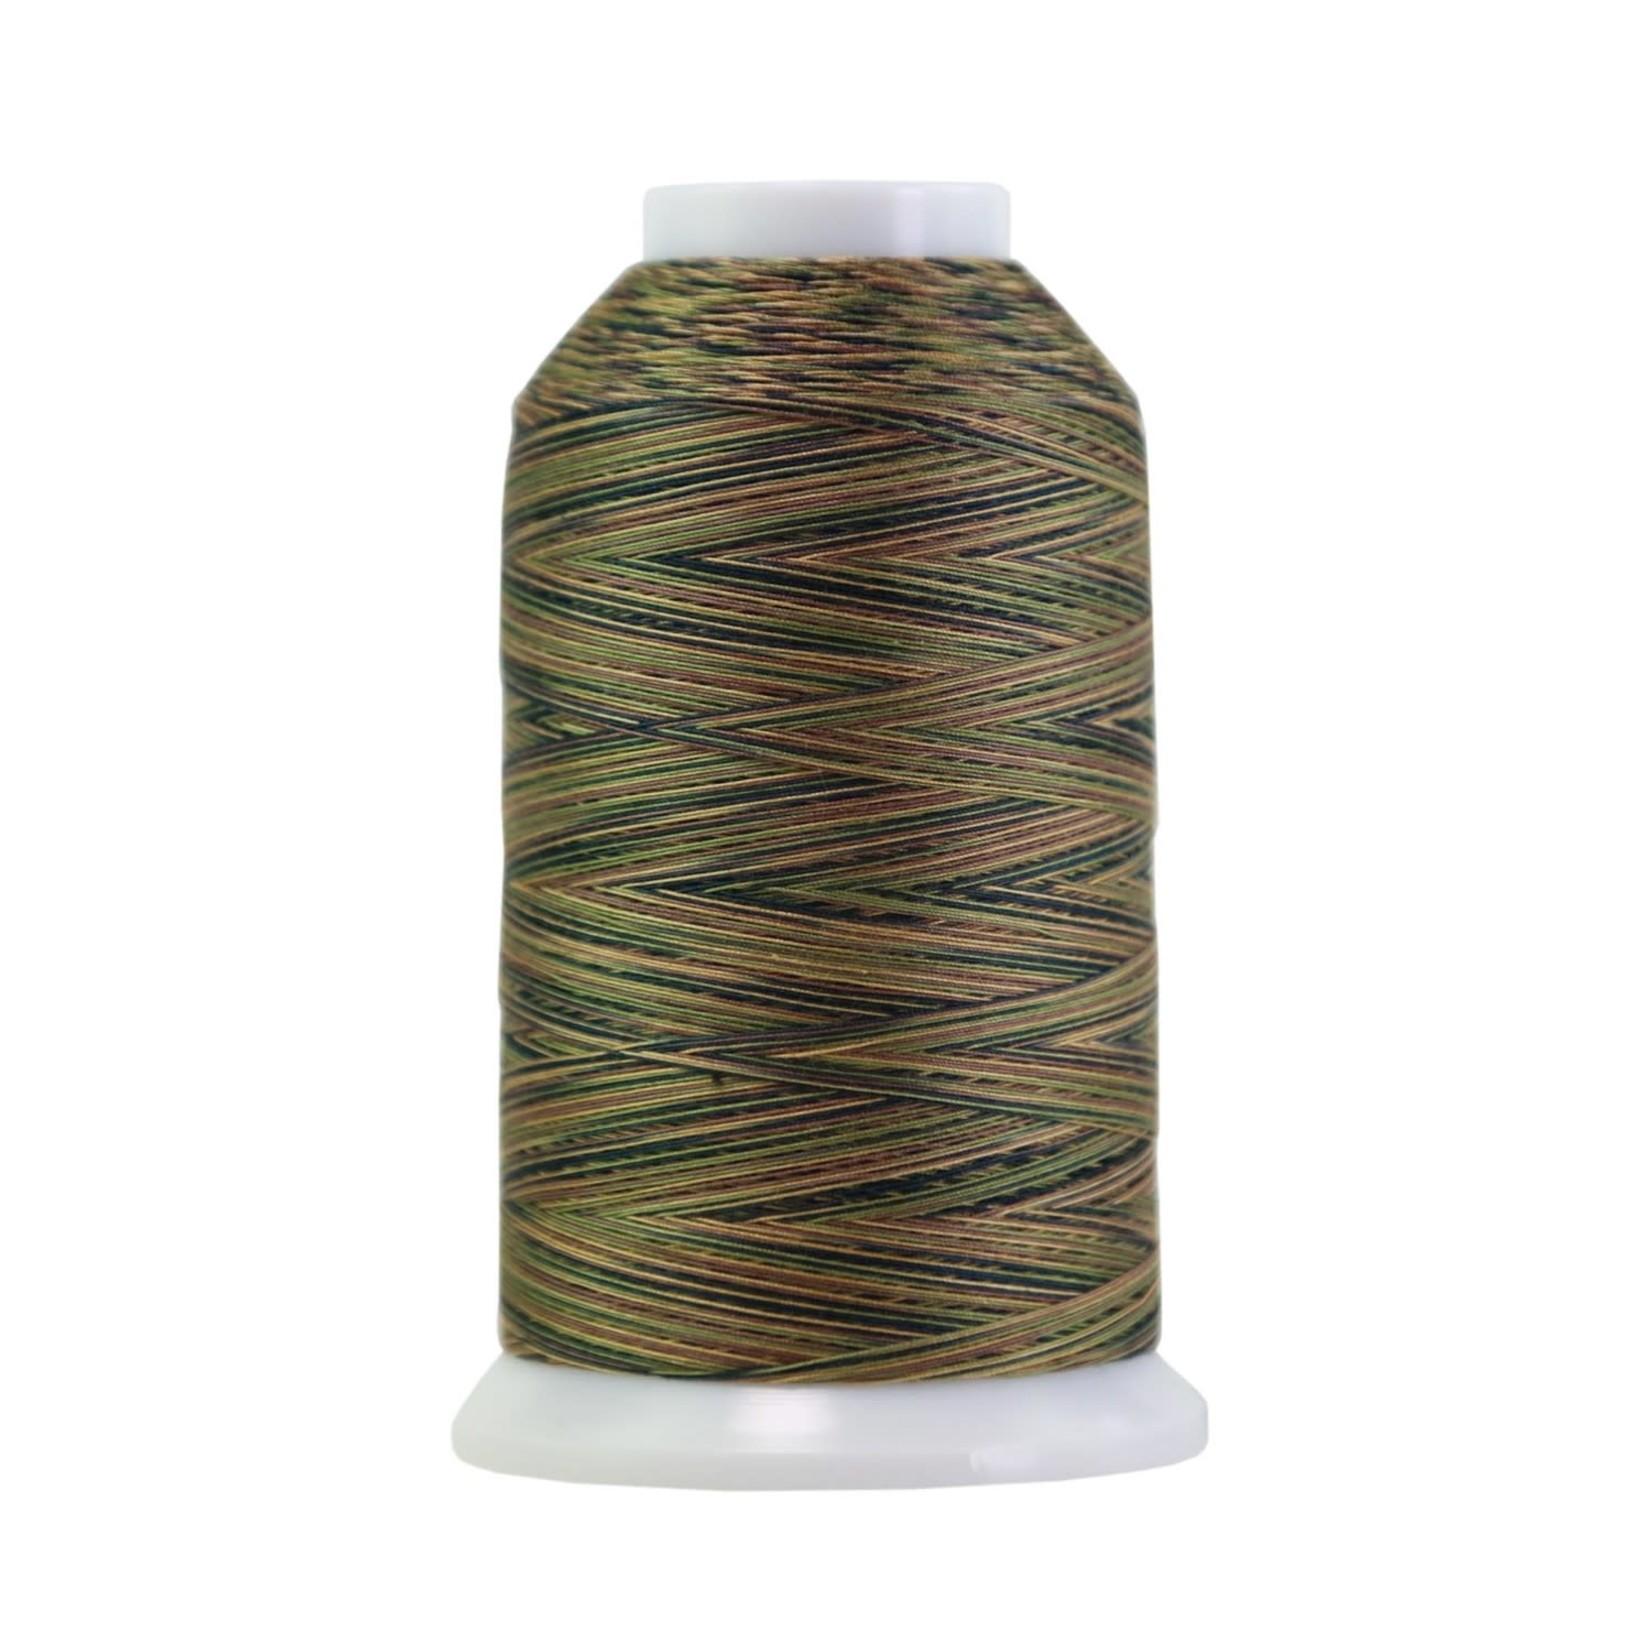 Superior Threads King Tut - #40 - 1828 m - 1037 Dessert Camo